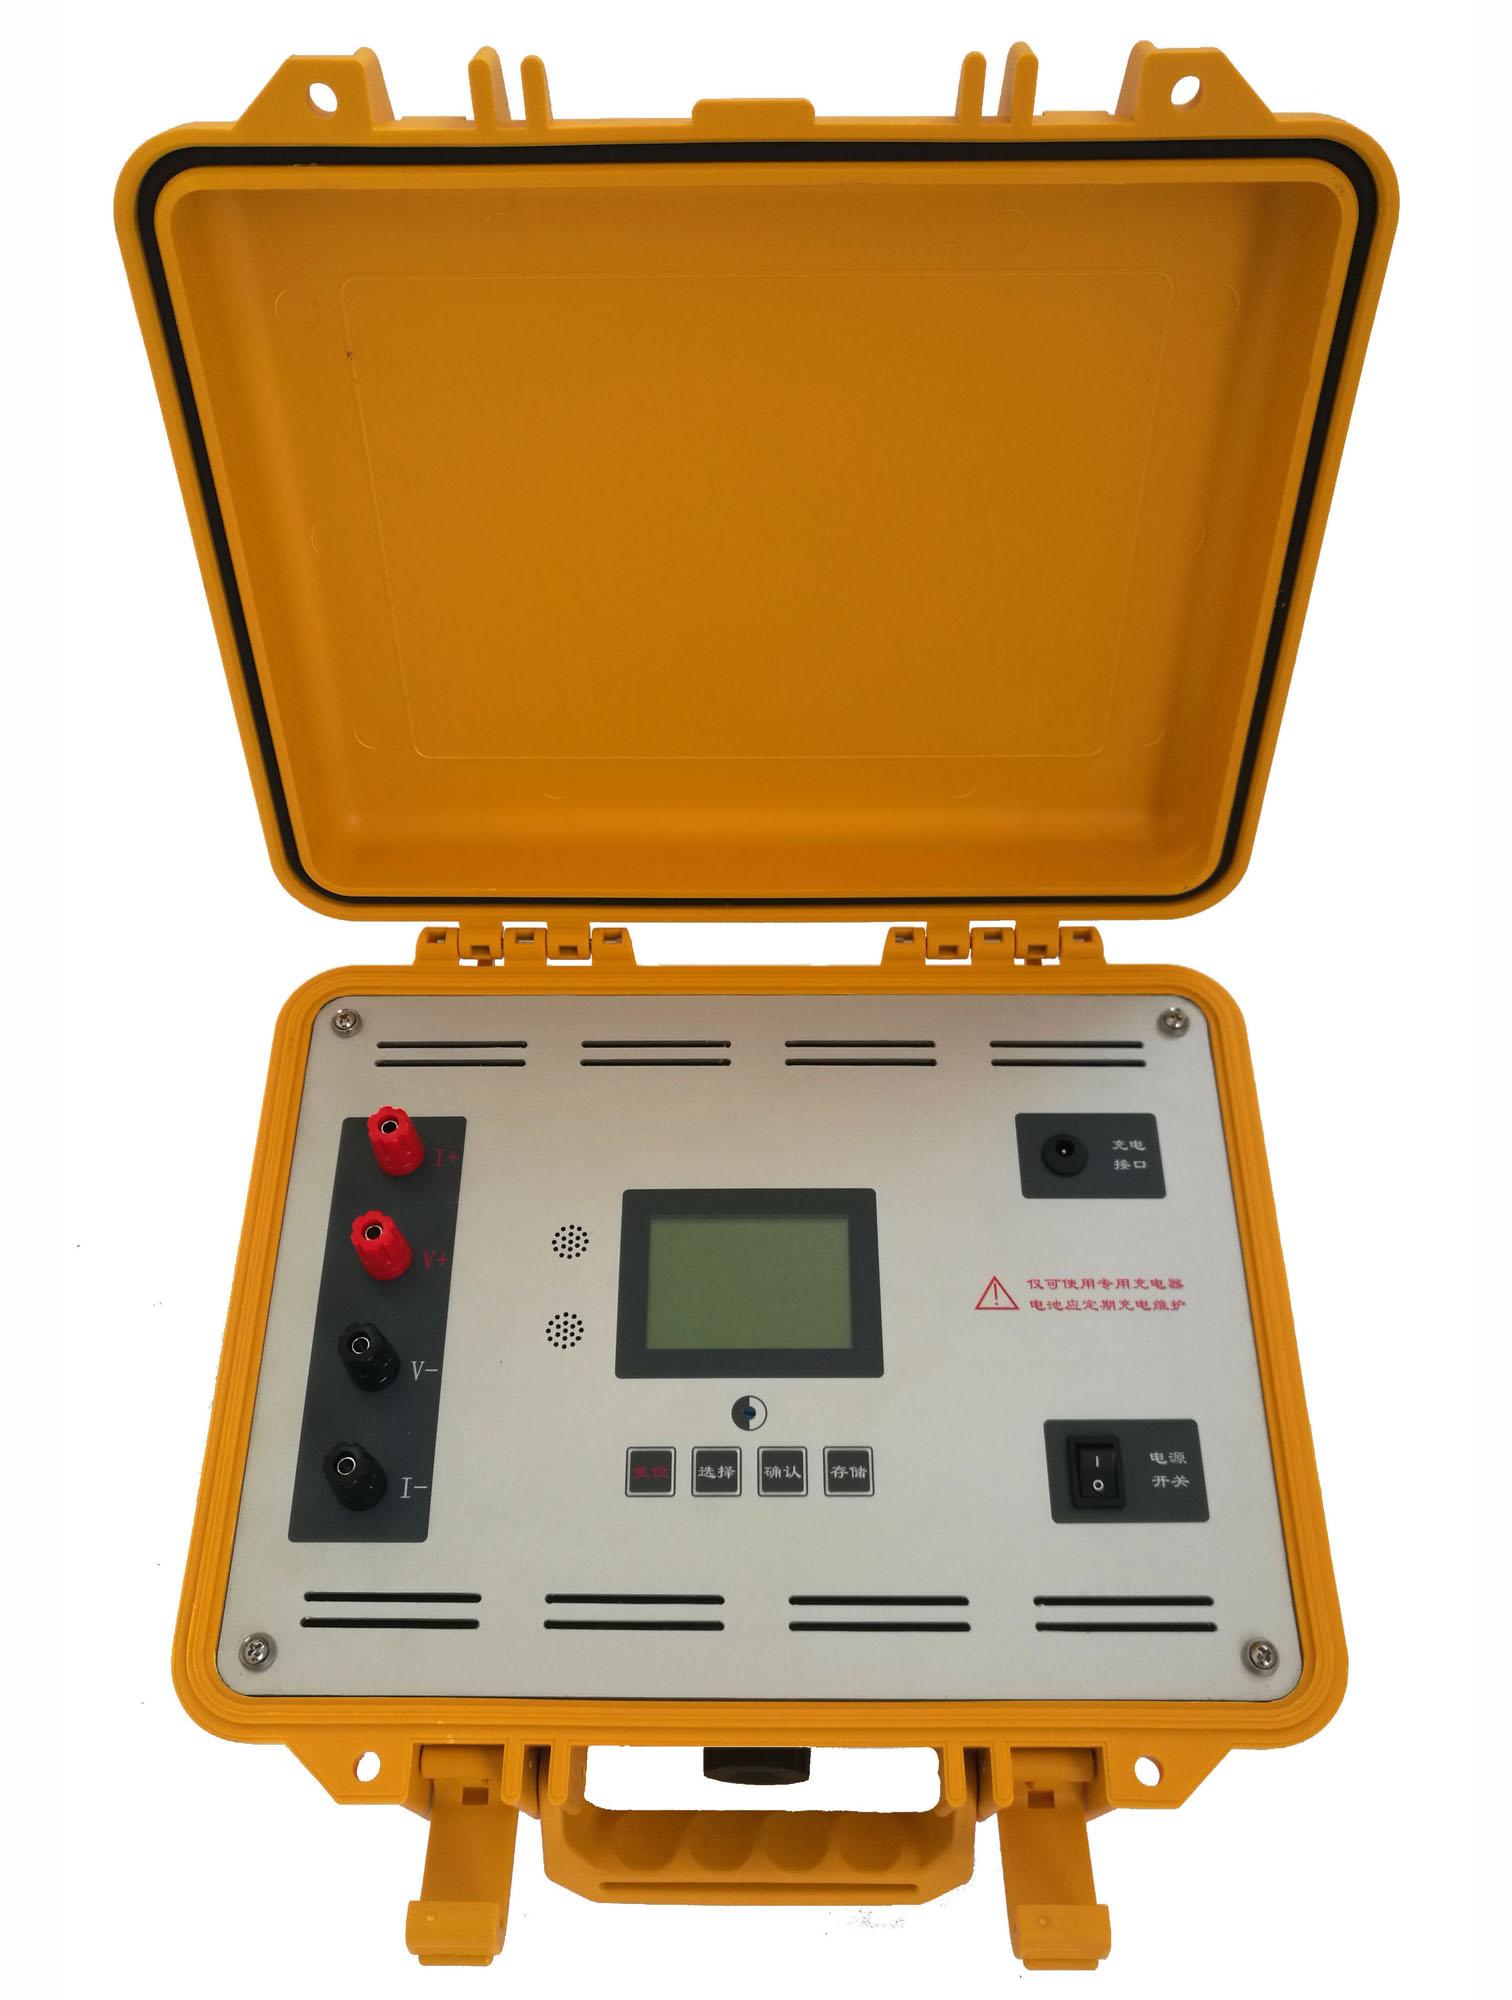 KNR-T2A 直流电阻测试仪